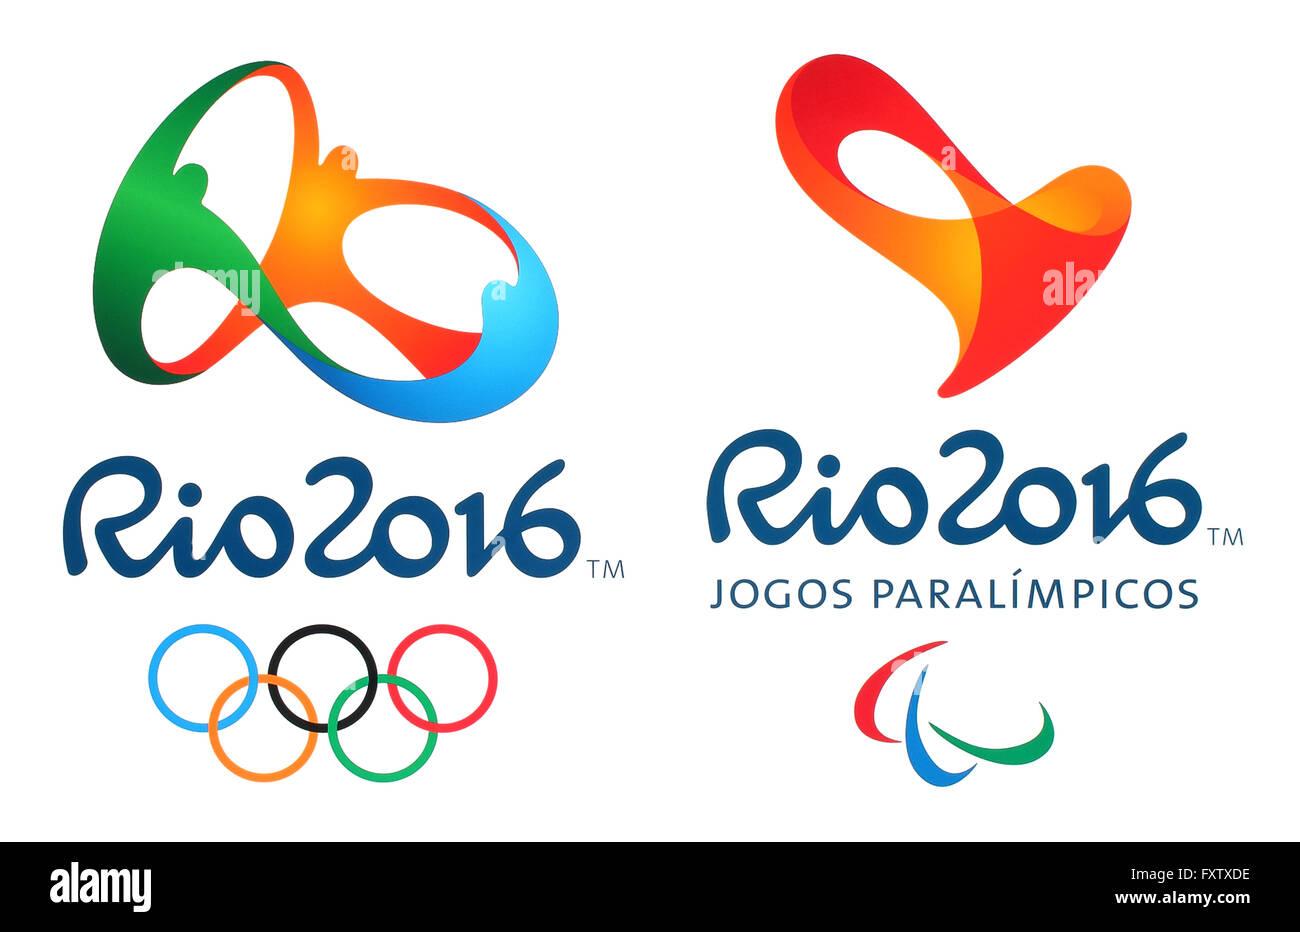 e13db289739 Official logos of the 2016 Summer Olympic Games in Rio de Janeiro ...